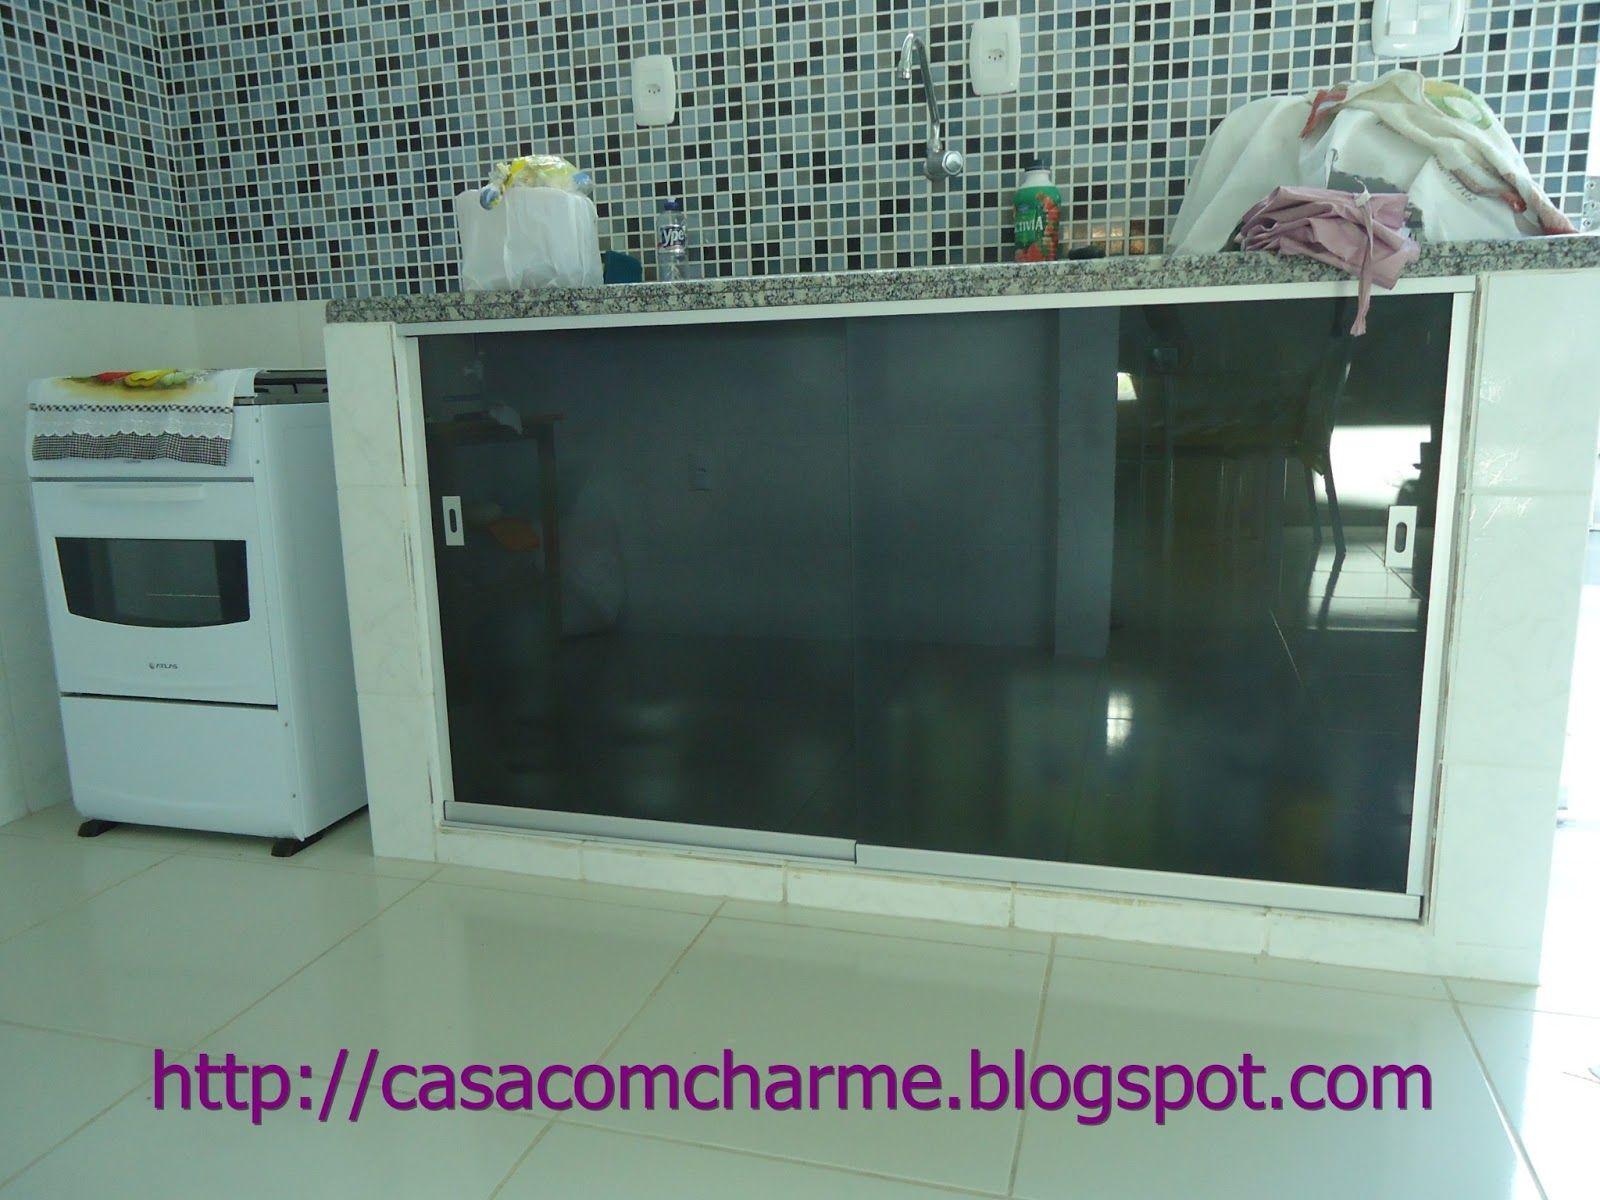 #474355 armario para debaixo da pia de cozinha de vidro Pesquisa  1600x1200 px Armario De Cozinha Em Blindex #2979 imagens